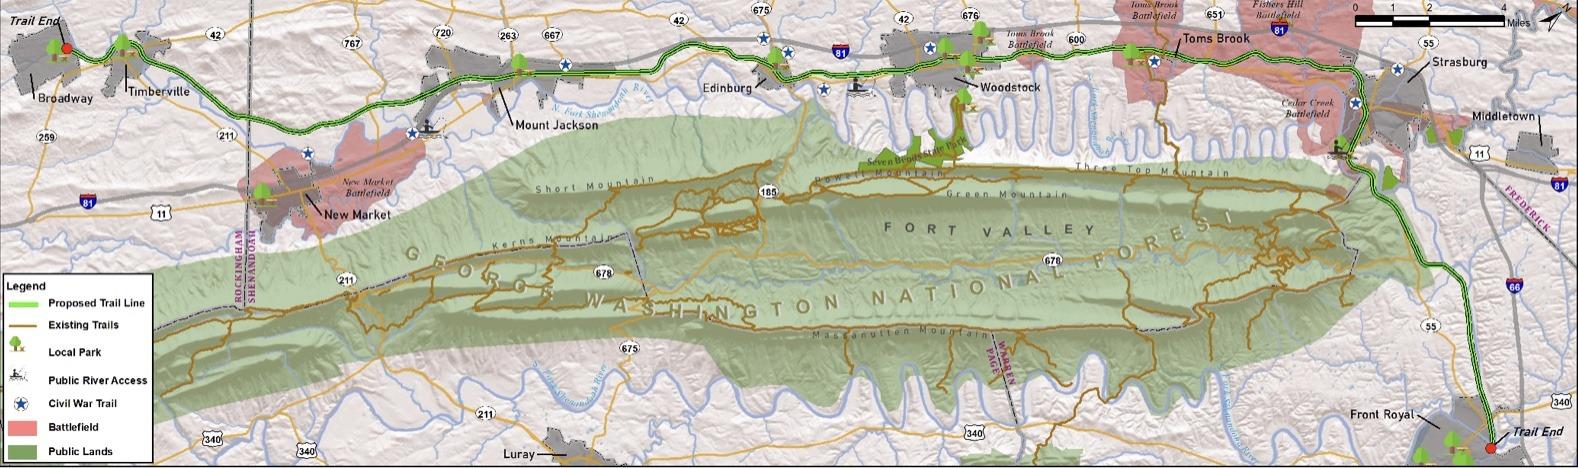 Shenandoah Rail Trail Map 2